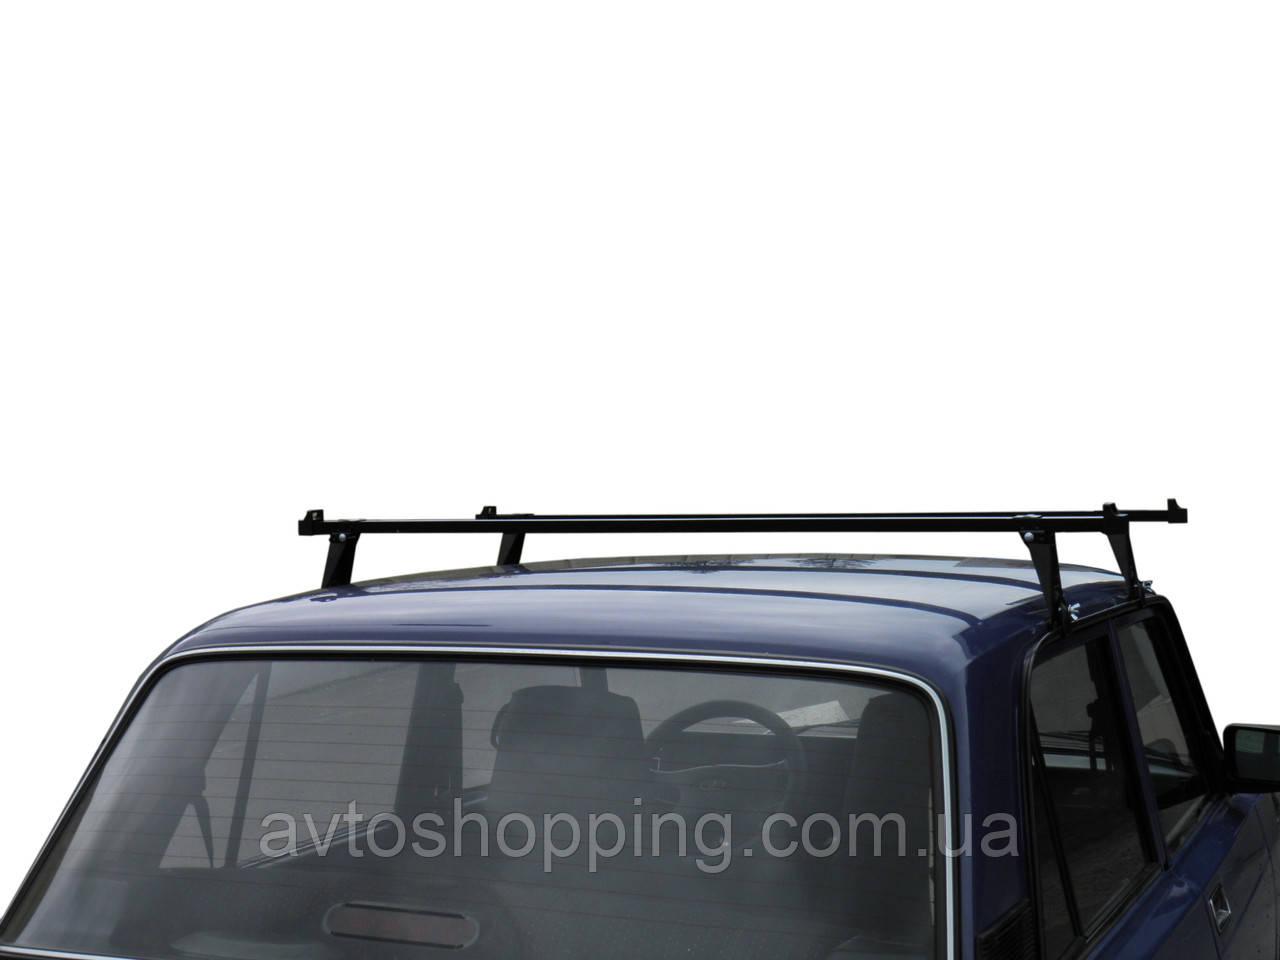 Багажник на крышу UNI, для автомобилей с водостоком ВАЗ, Таврия, Кадет